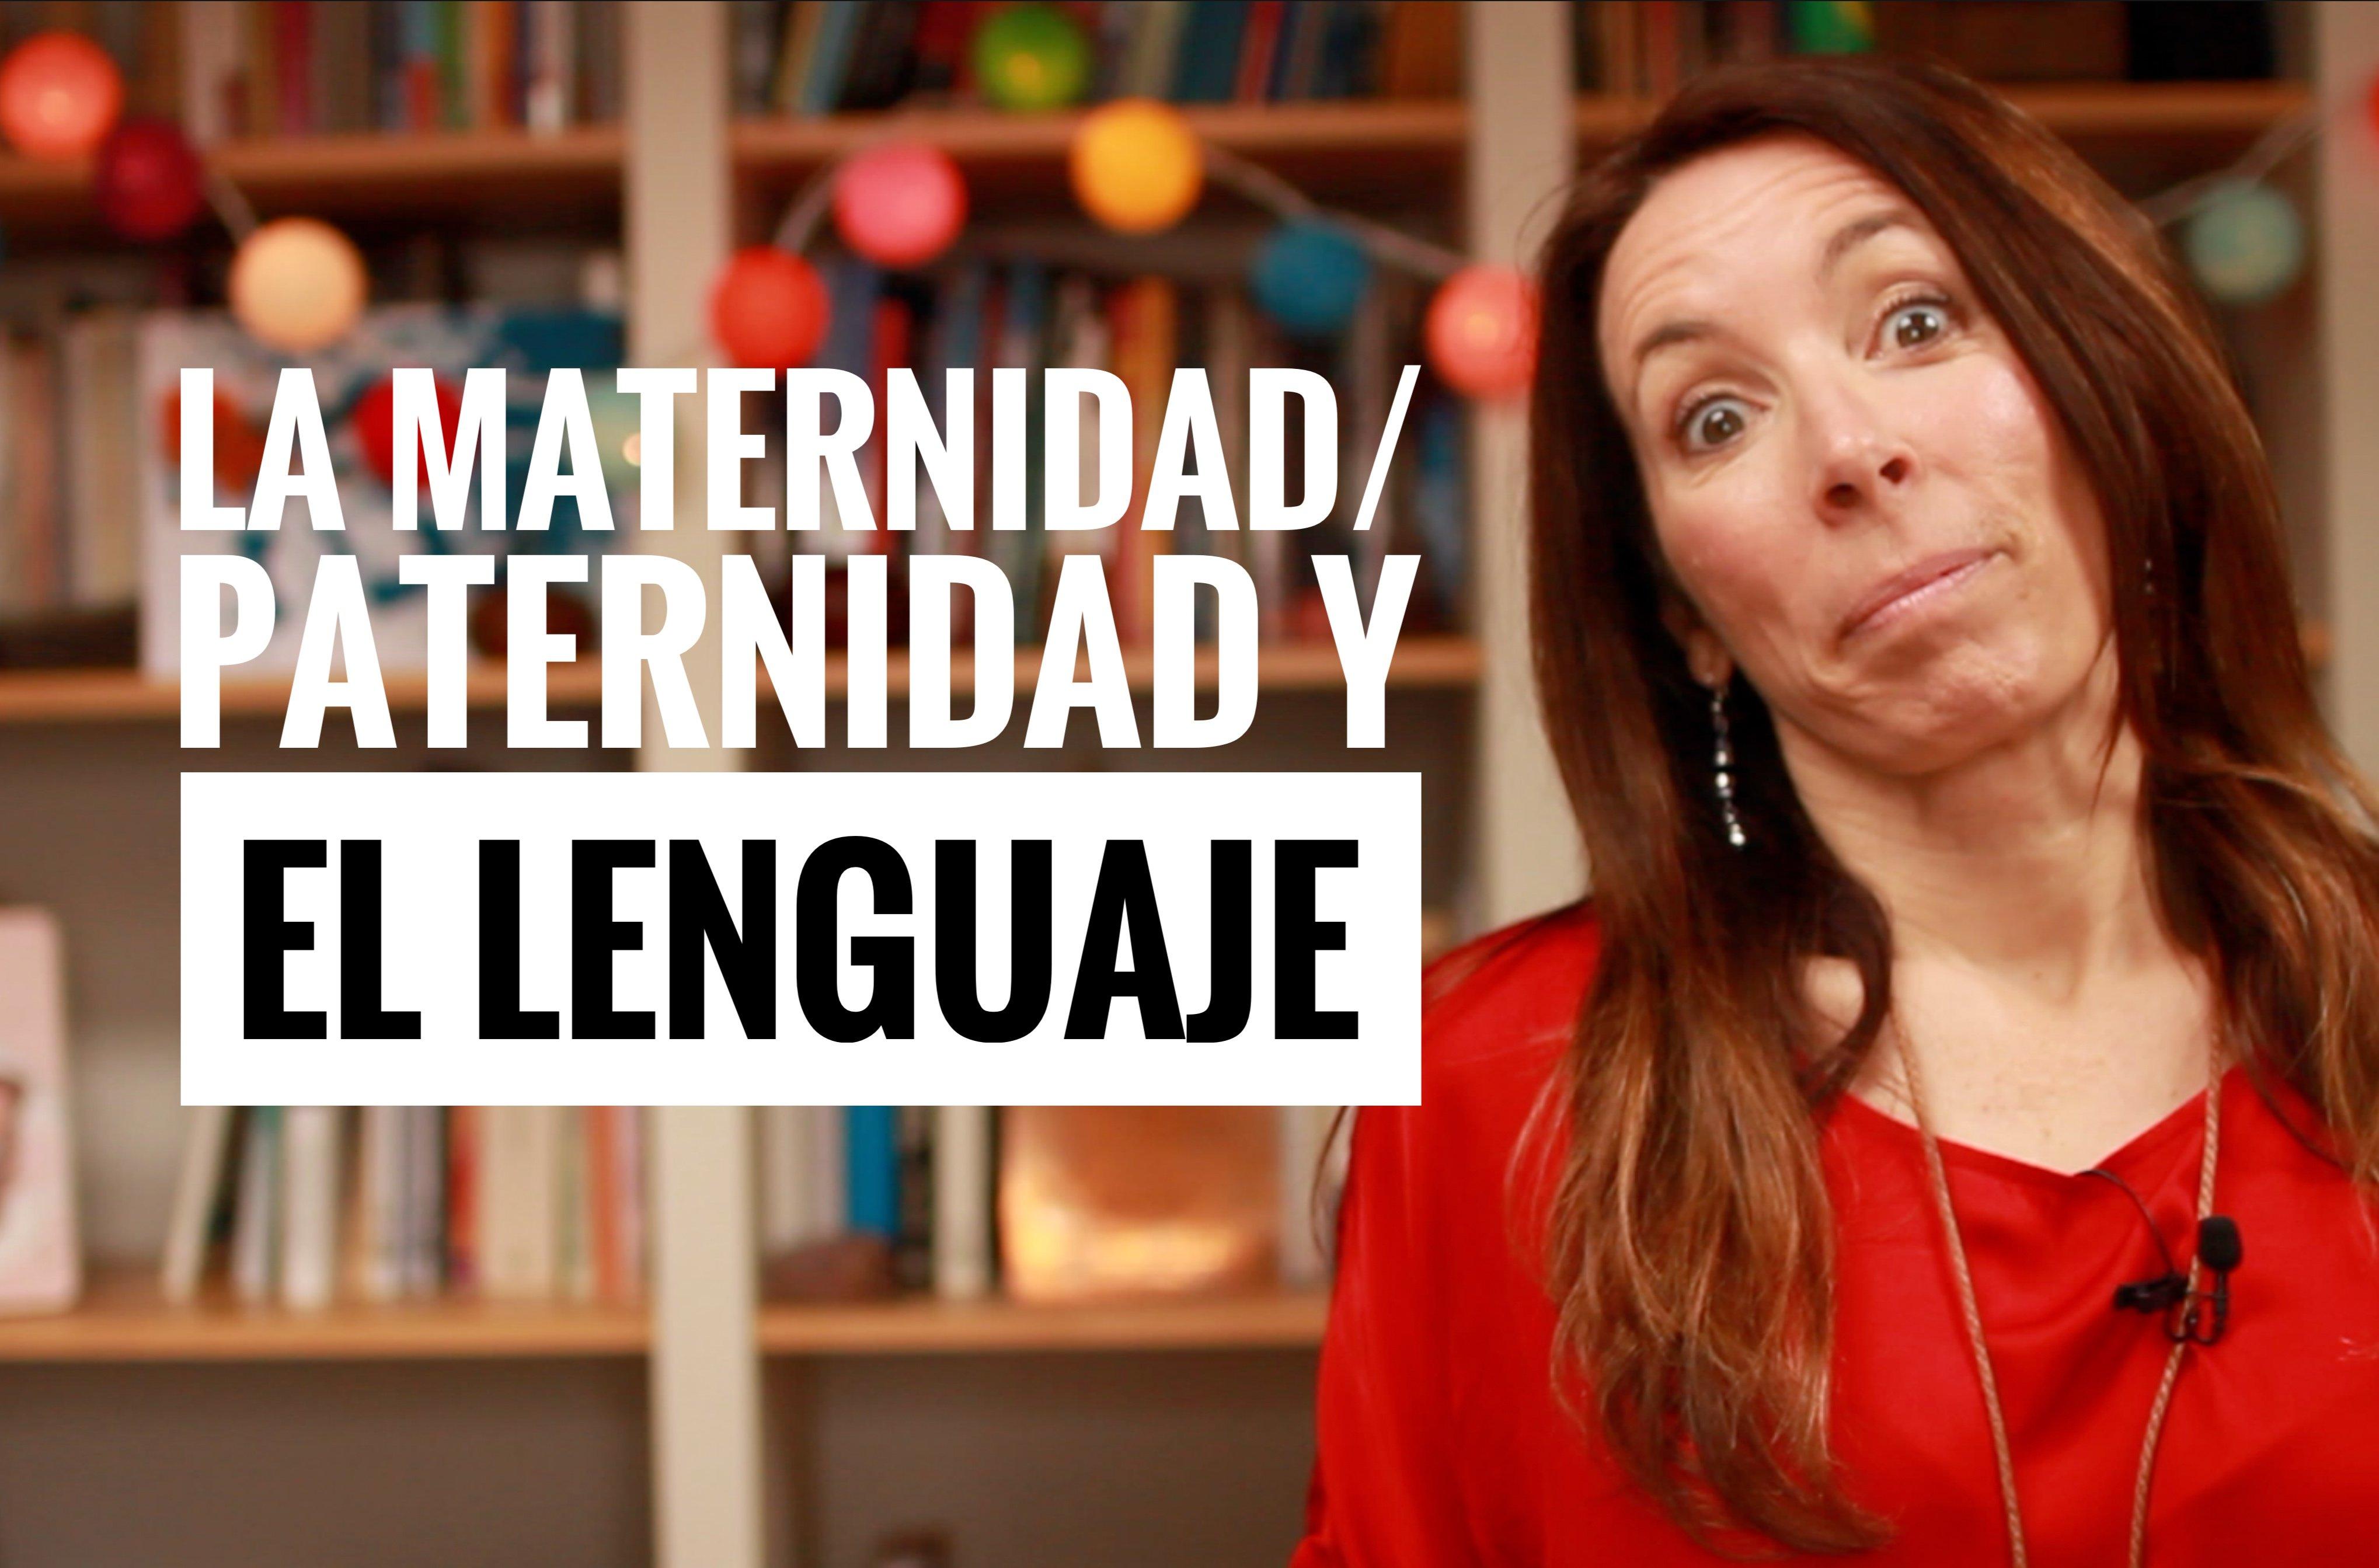 La maternidad/paternidad y el lenguaje